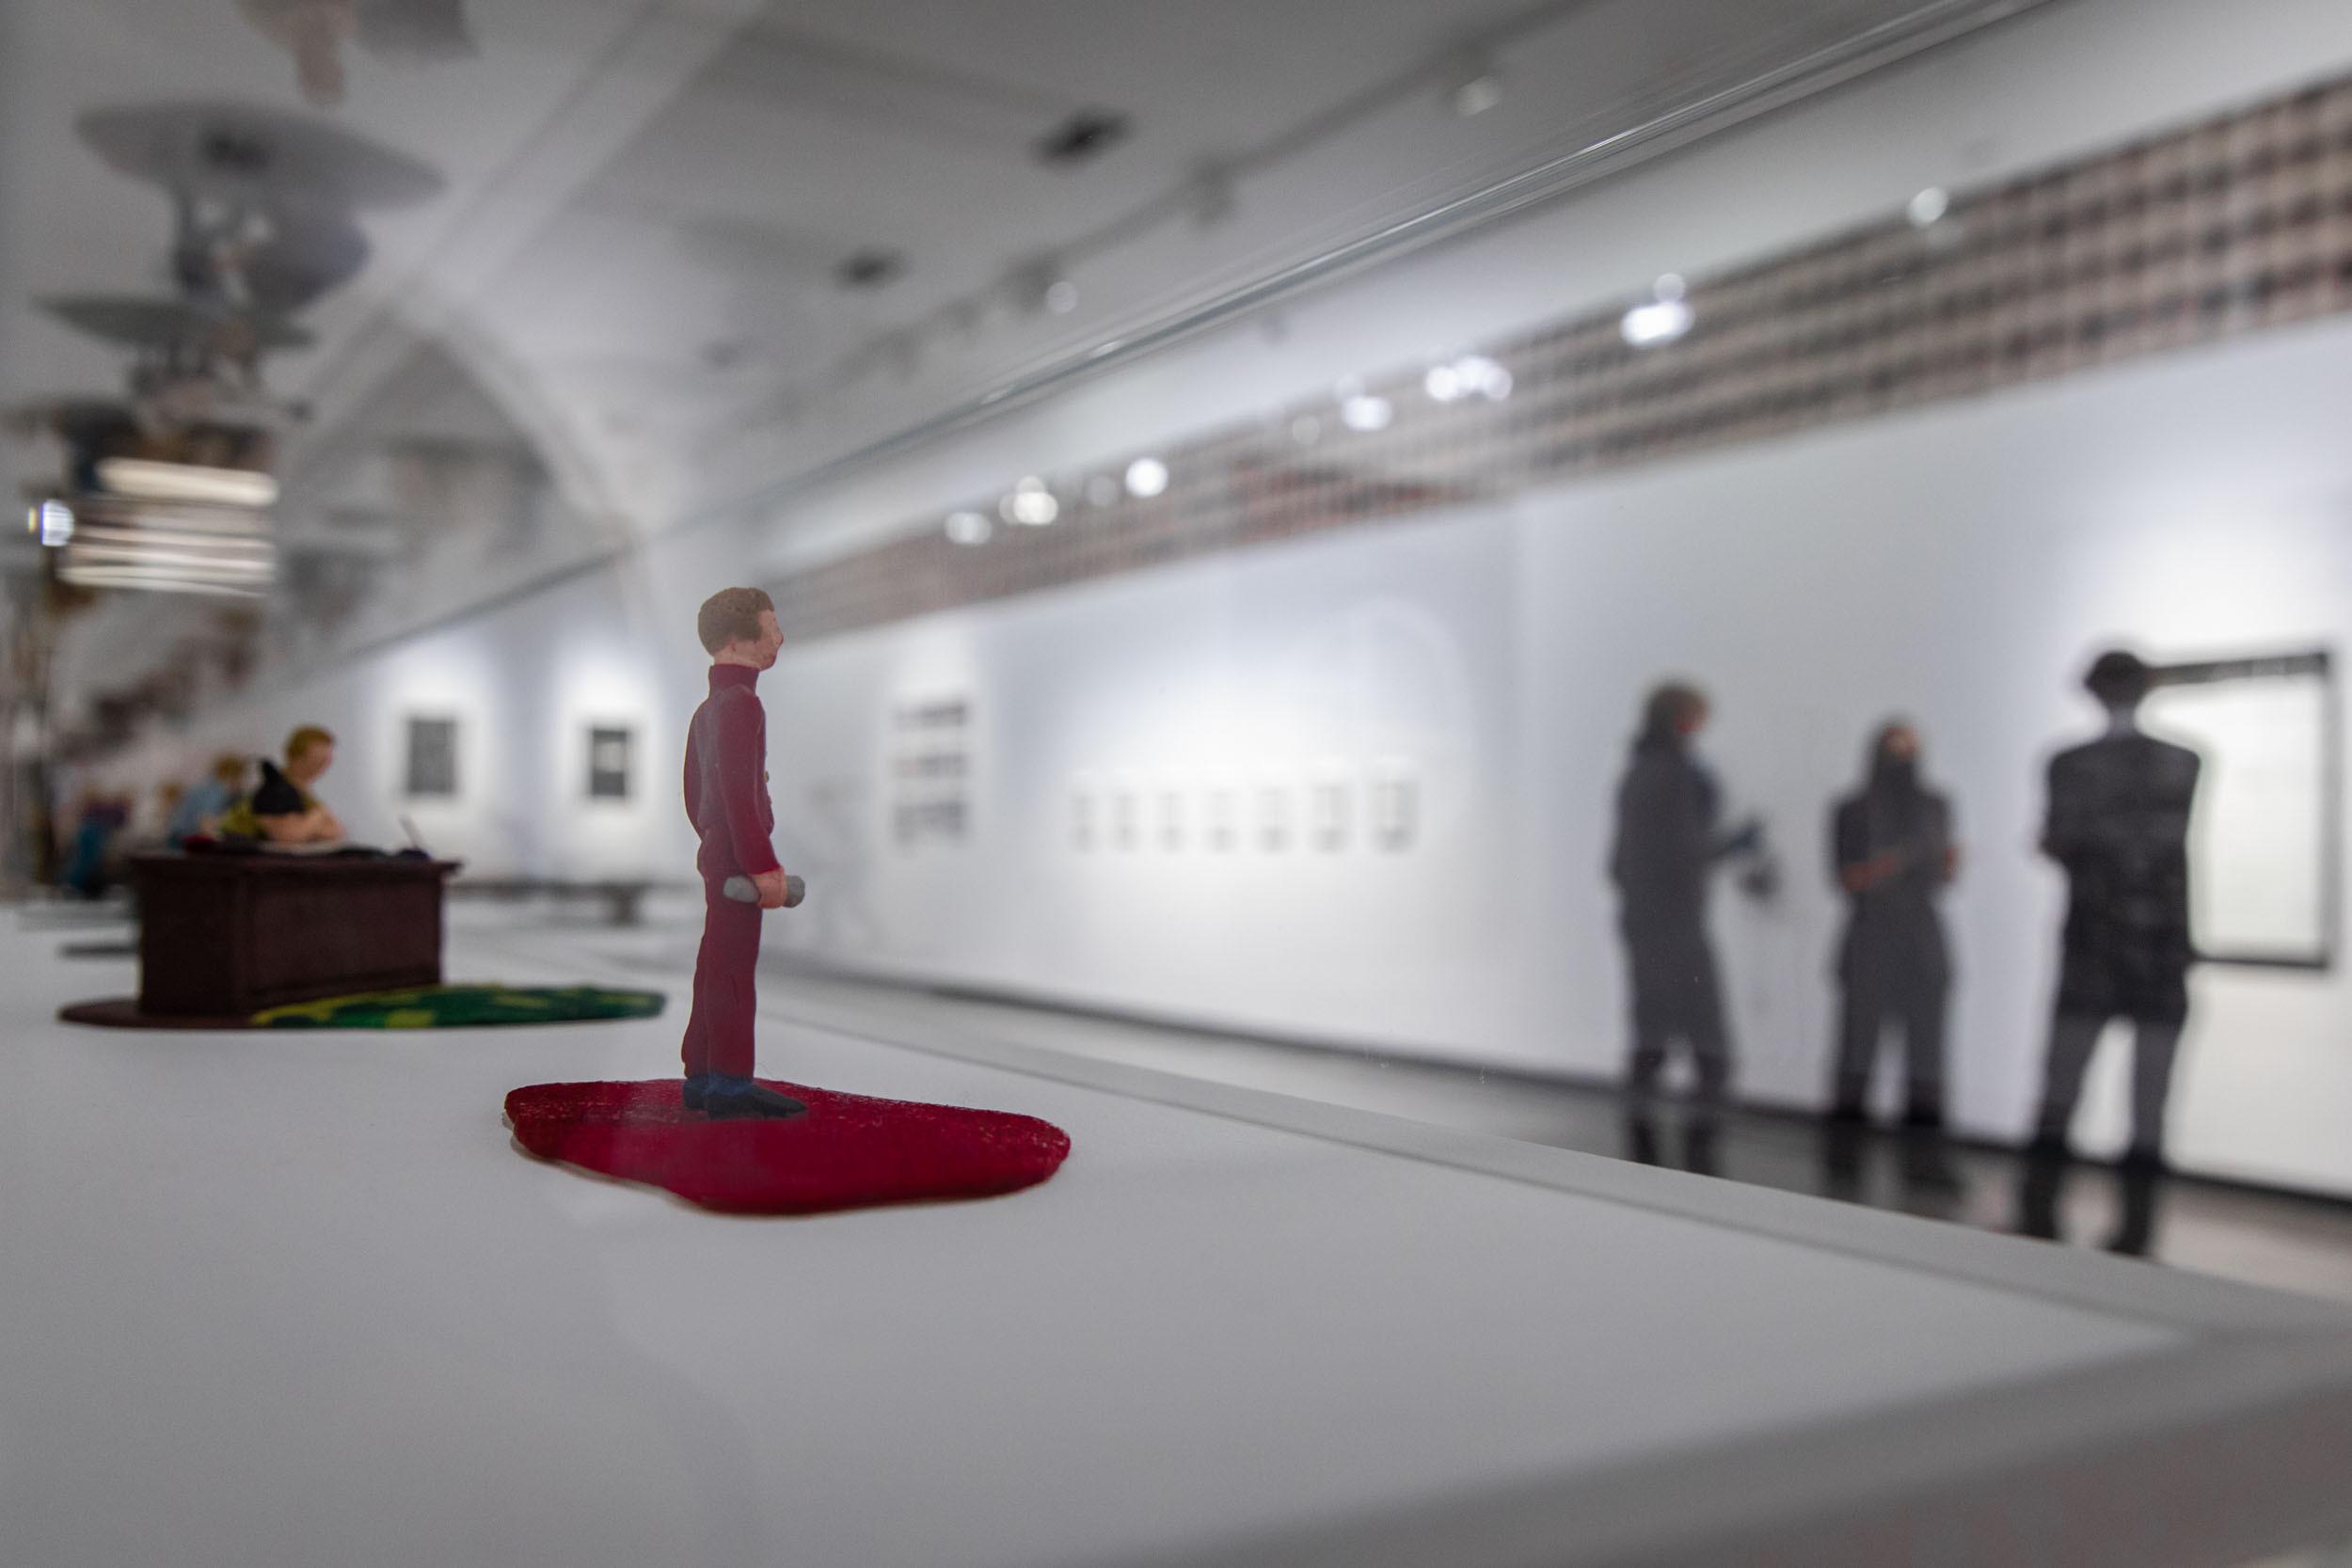 eSeL Foto: Cybernetics of the Poor (Kunsthalle Wien, 9.2.-25.4.2021)